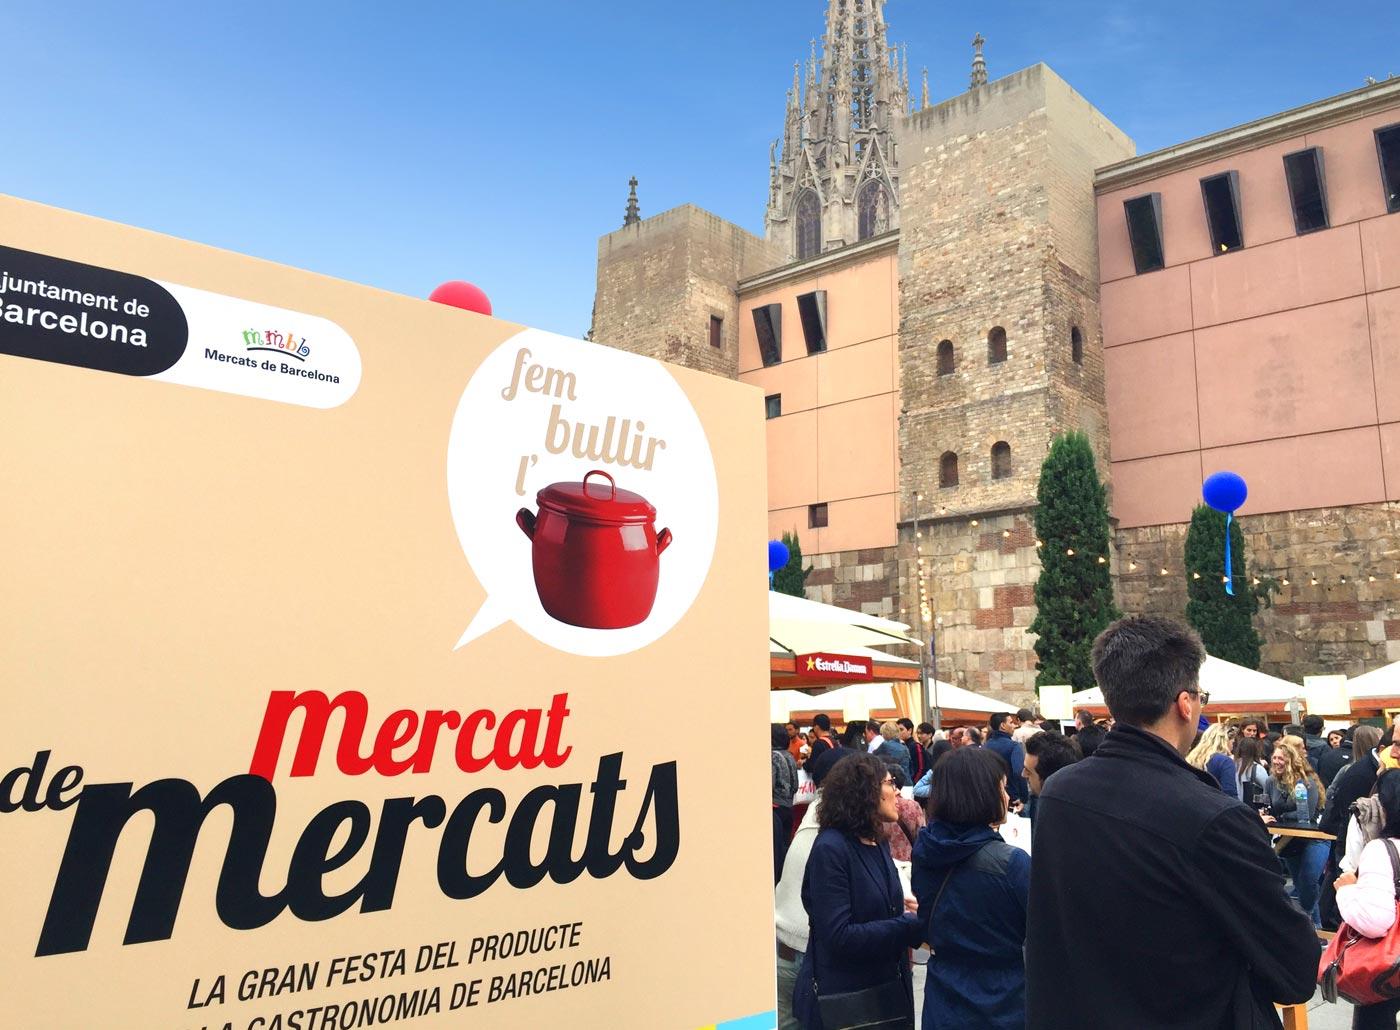 fem-bullir-olla-mercats-de-barcelona-fira-esdeveniment